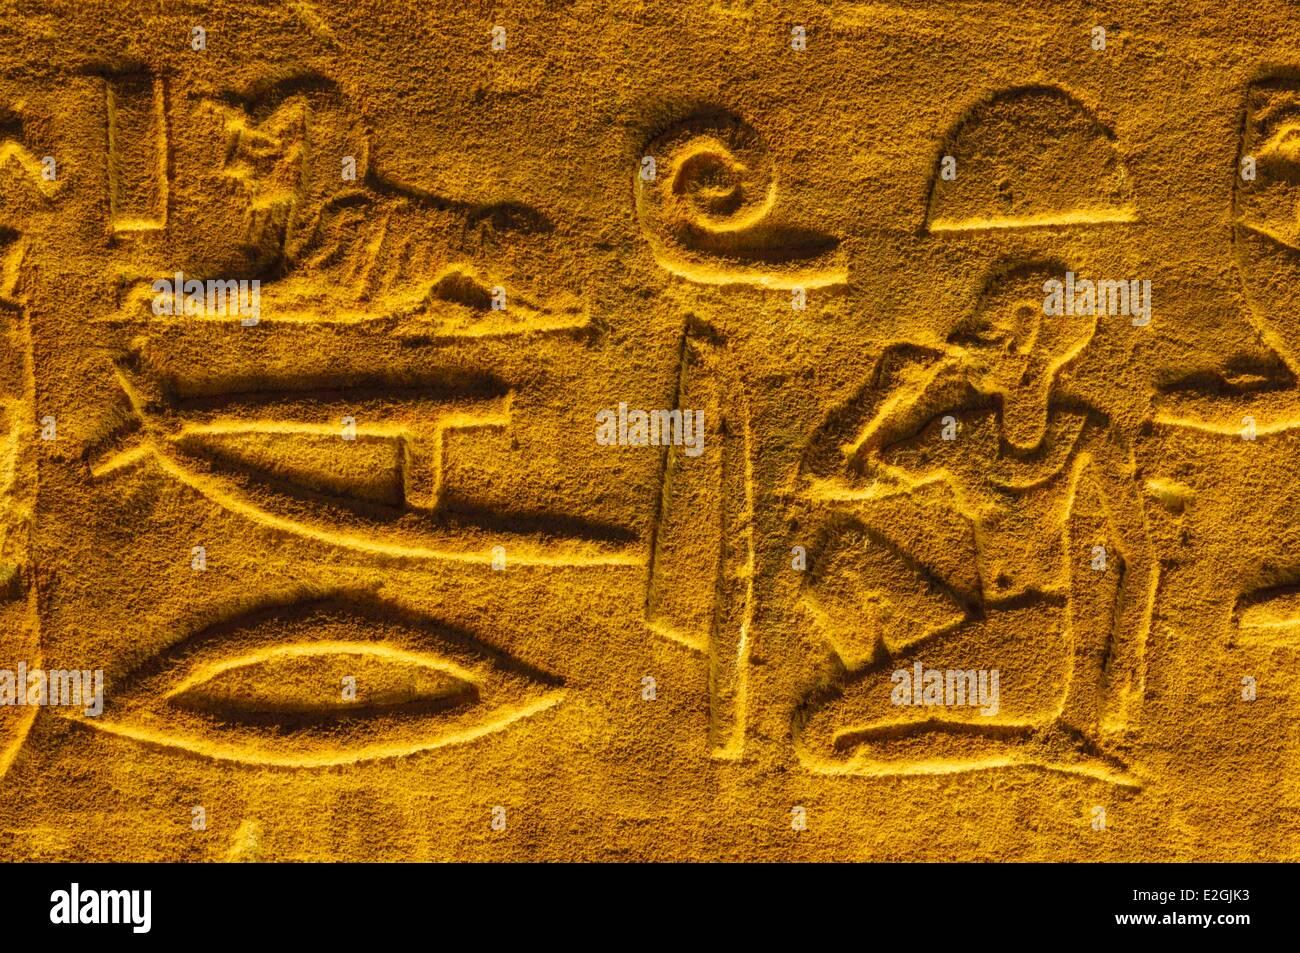 Egypt Upper Egypt Edfu Edfu Edfu Temple or Temple of Horus temple or Noaos hieroglyphs and wall engravings Stock Photo